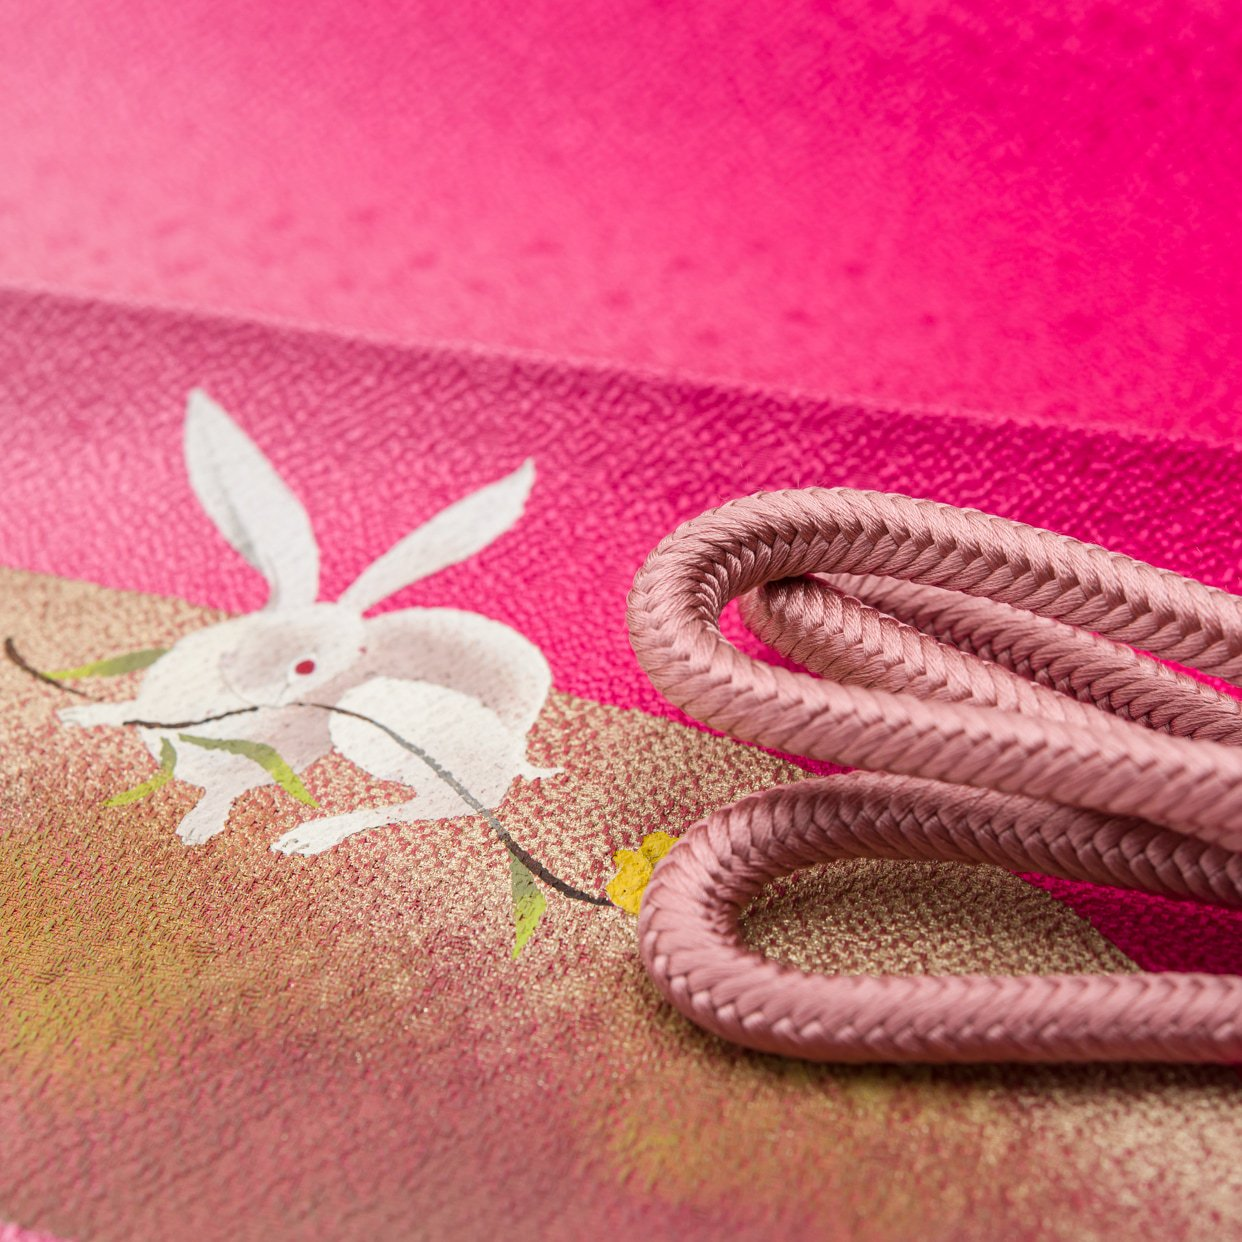 「帯揚げ帯締めセット 花喰い兎」の商品画像